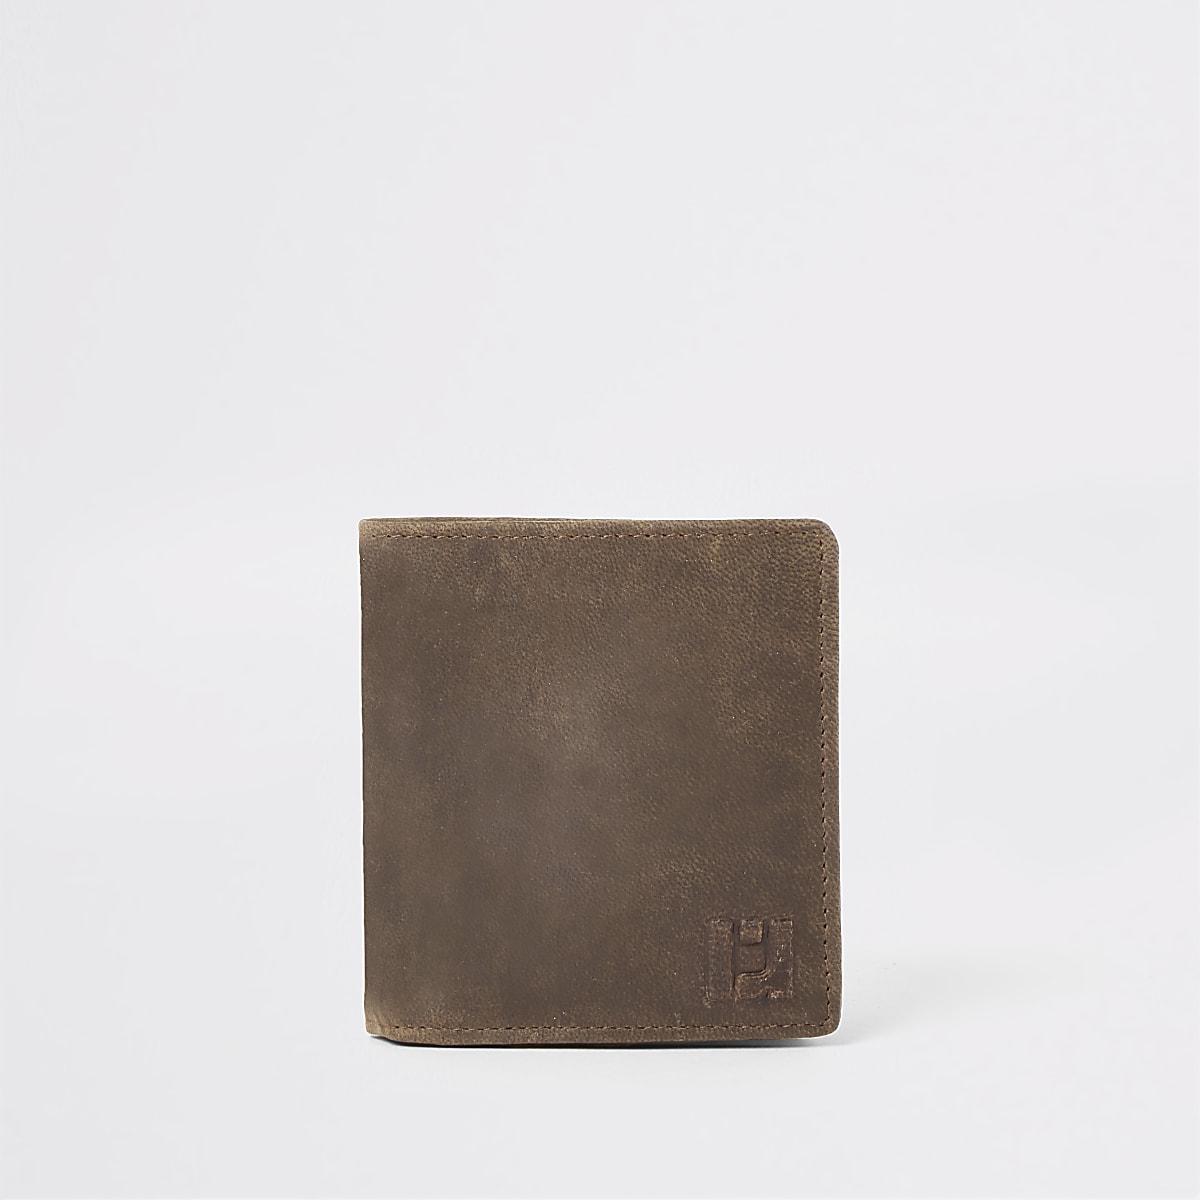 Portefeuille en cuir marron clair motif guêpe